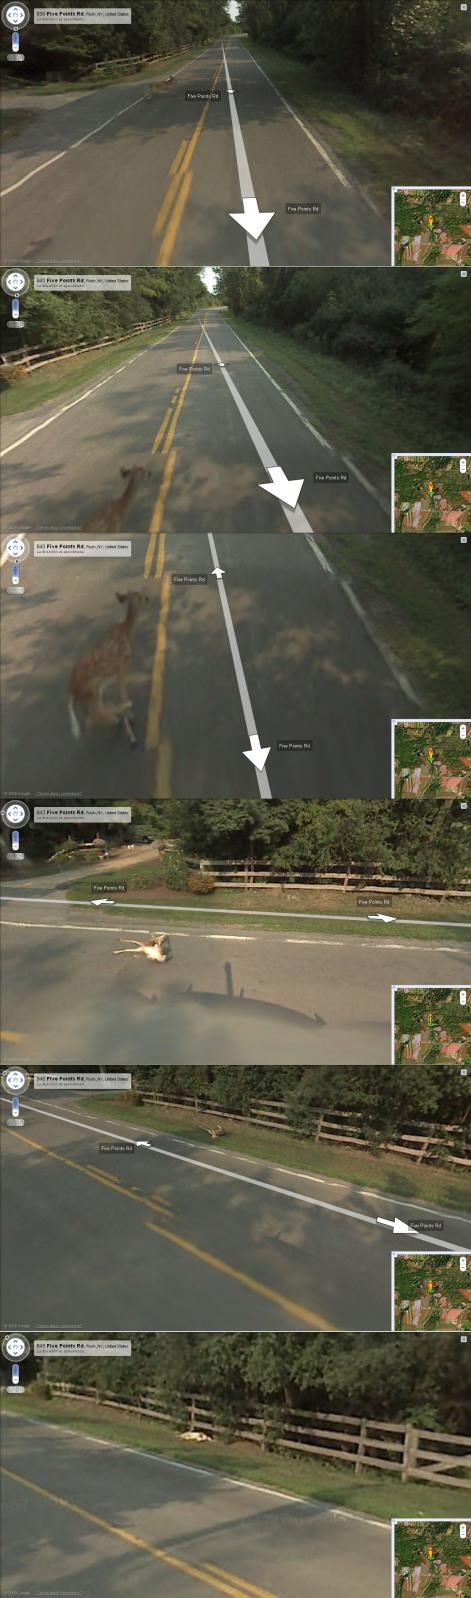 El carro de Google Maps arroya un venadito